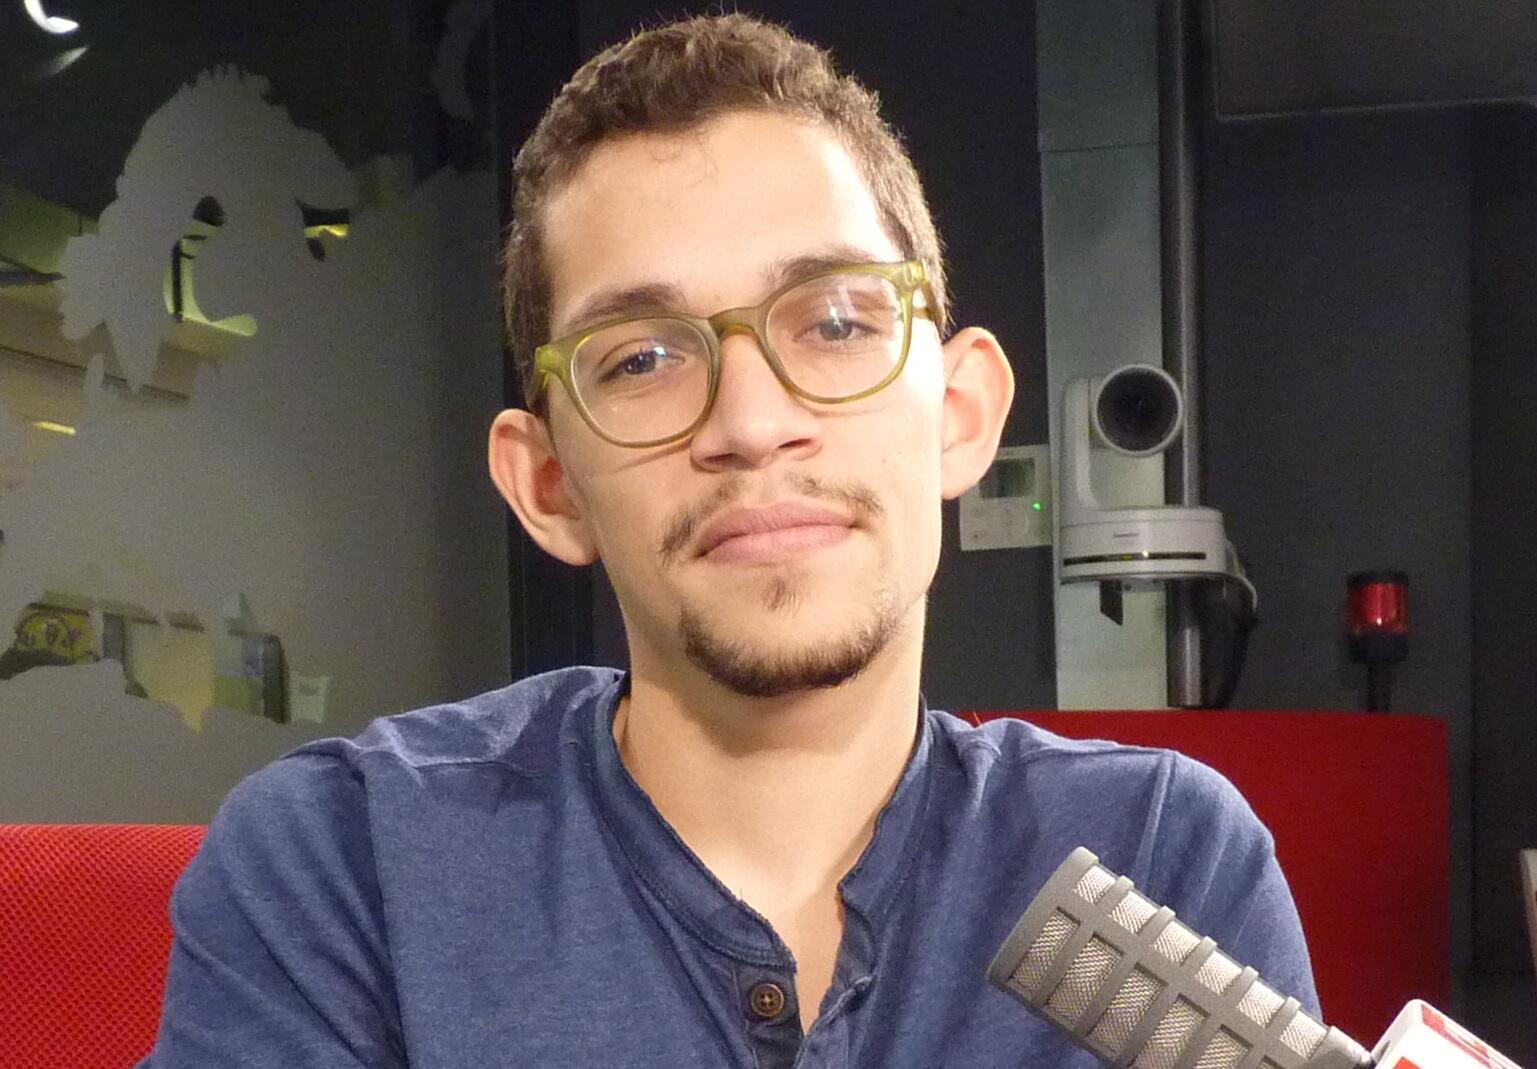 El venezolano Daniel Blanco en RFI